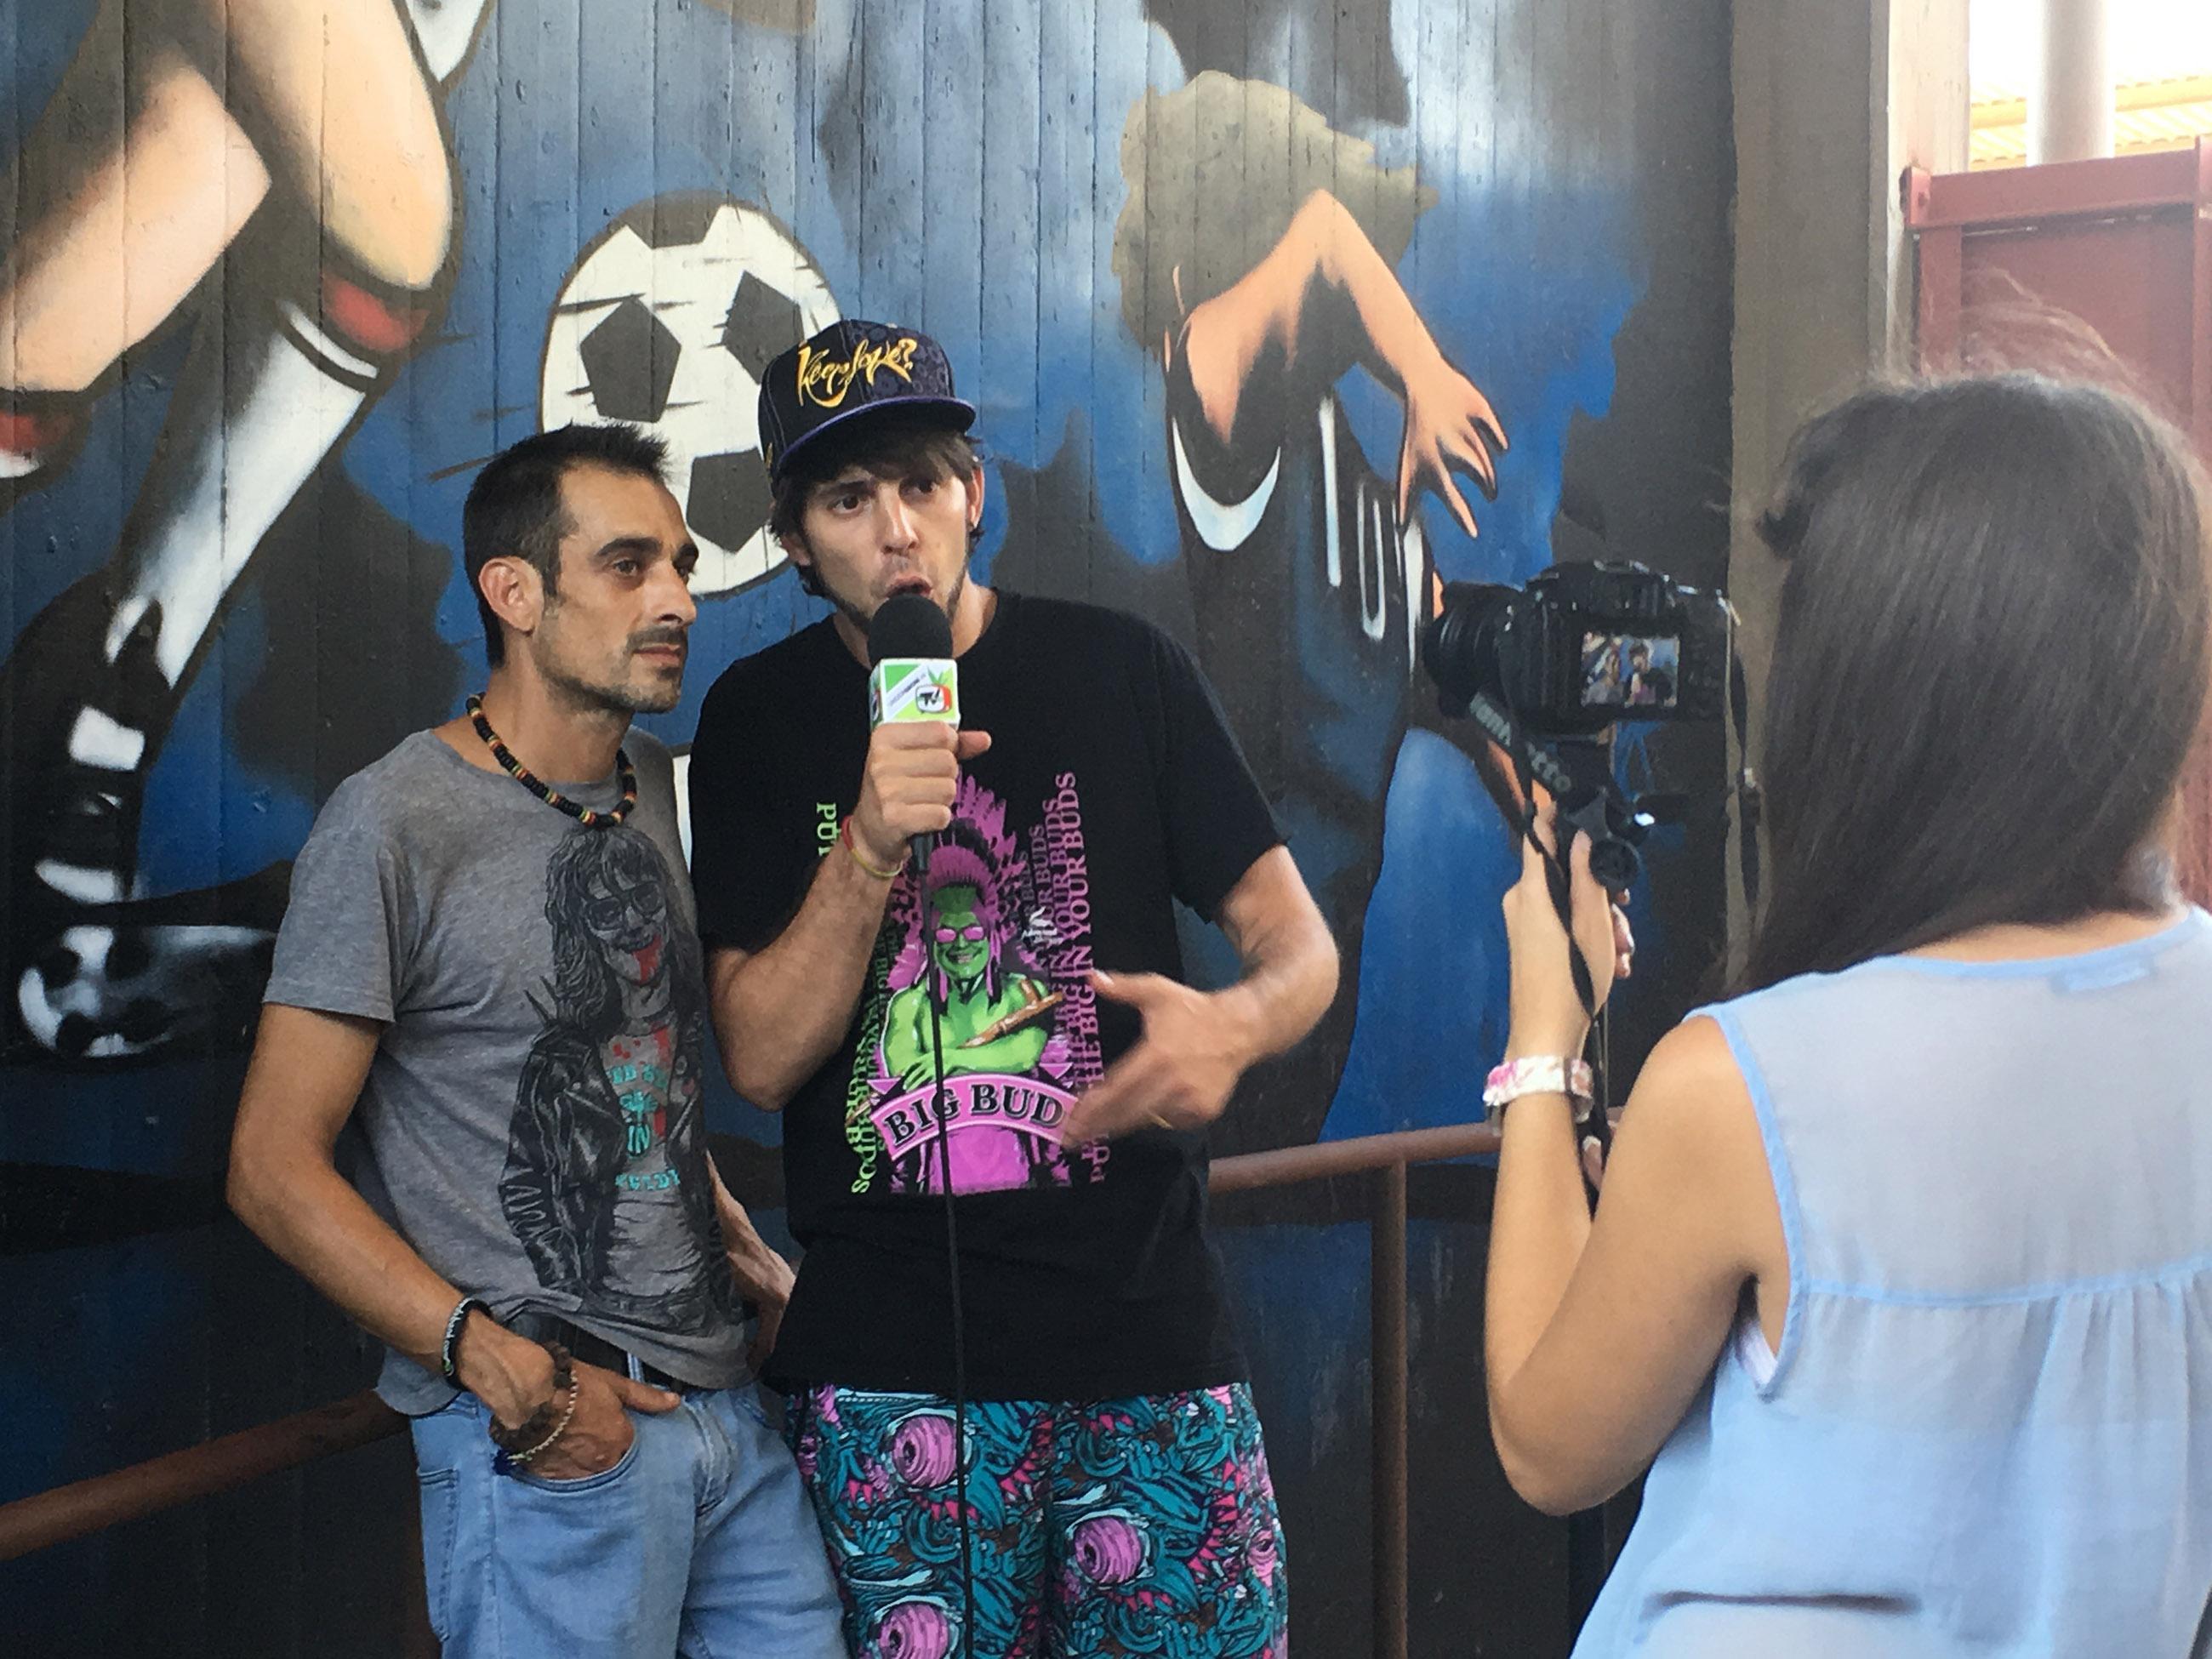 Photographie montrant l'activiste pro cannabis Dany Ramos en discussion avec l'intervieweur Maka, qui dirige une chaîne YouTube dédicacée au cannabis. Ils regardent tous les deux une femme qui tient un appareil photo dans les mains.